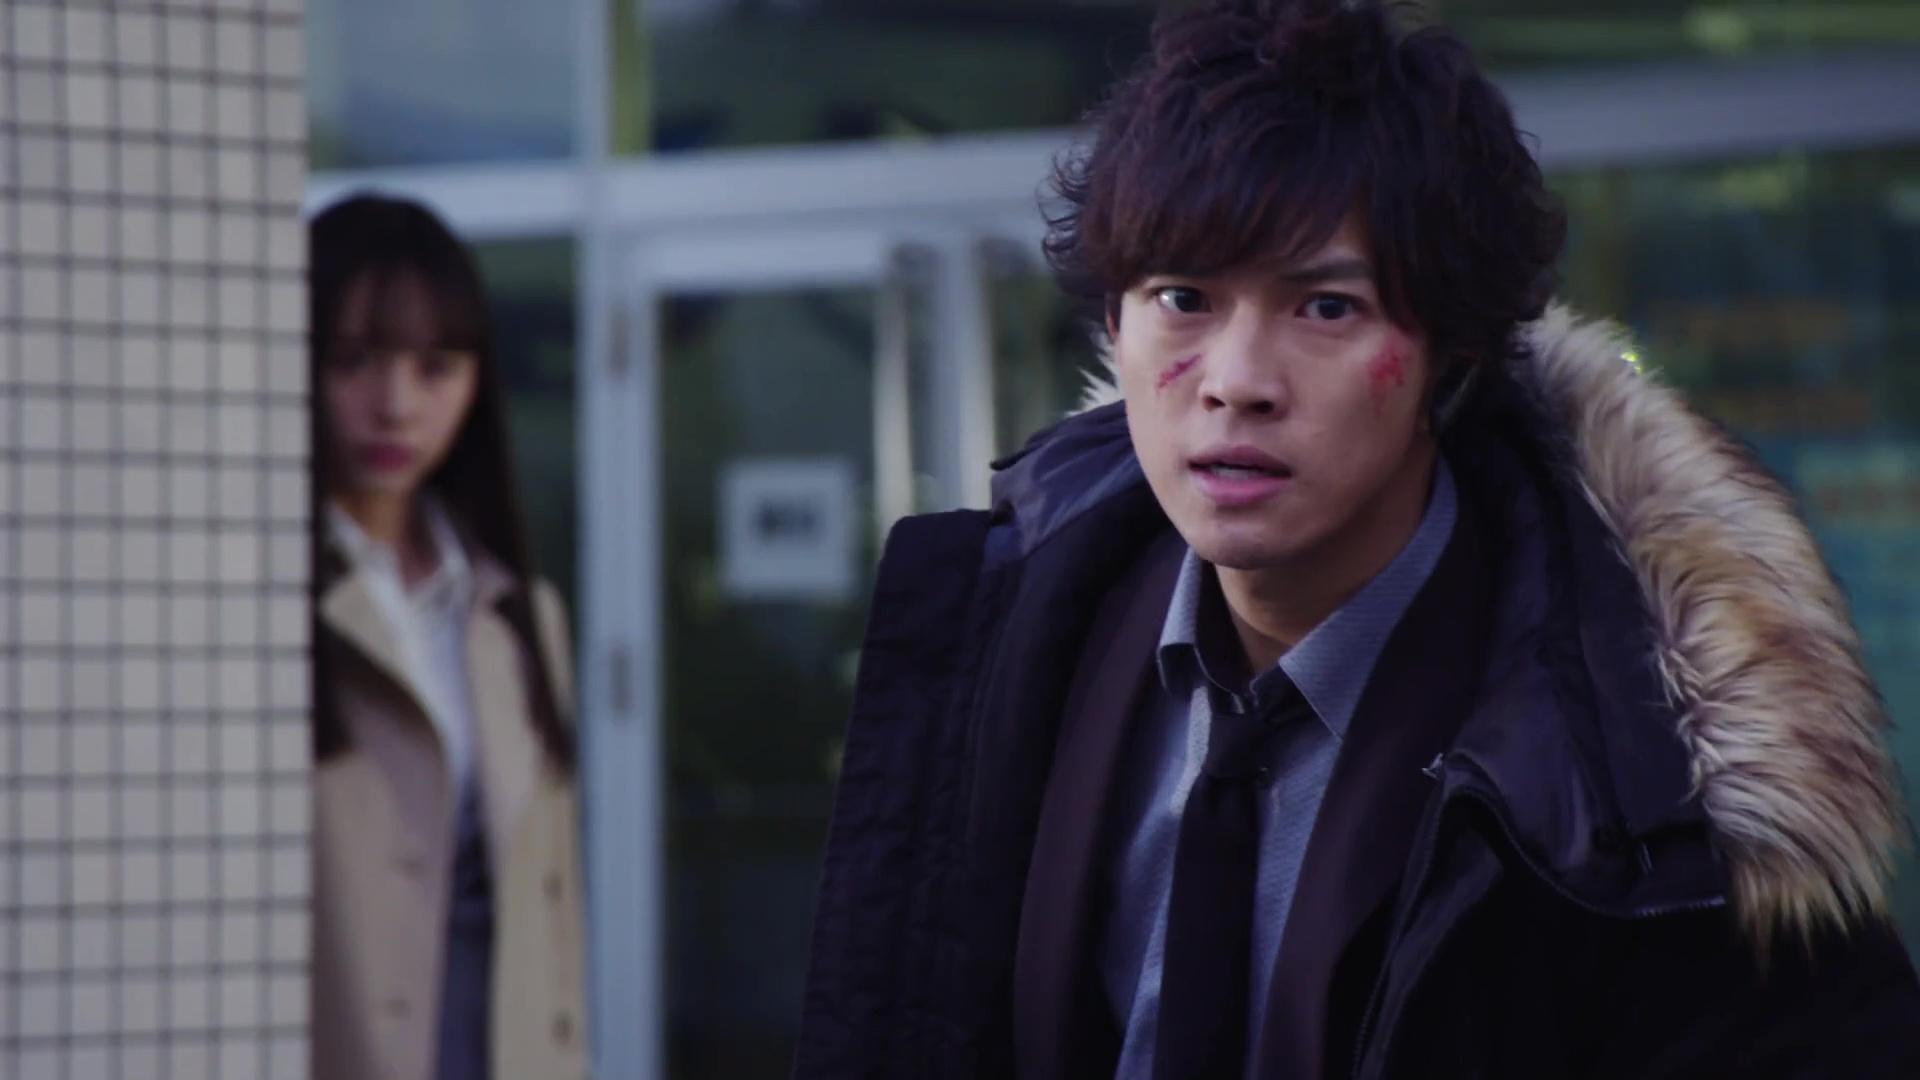 Kamen Rider Zero One Episode 22 Recap